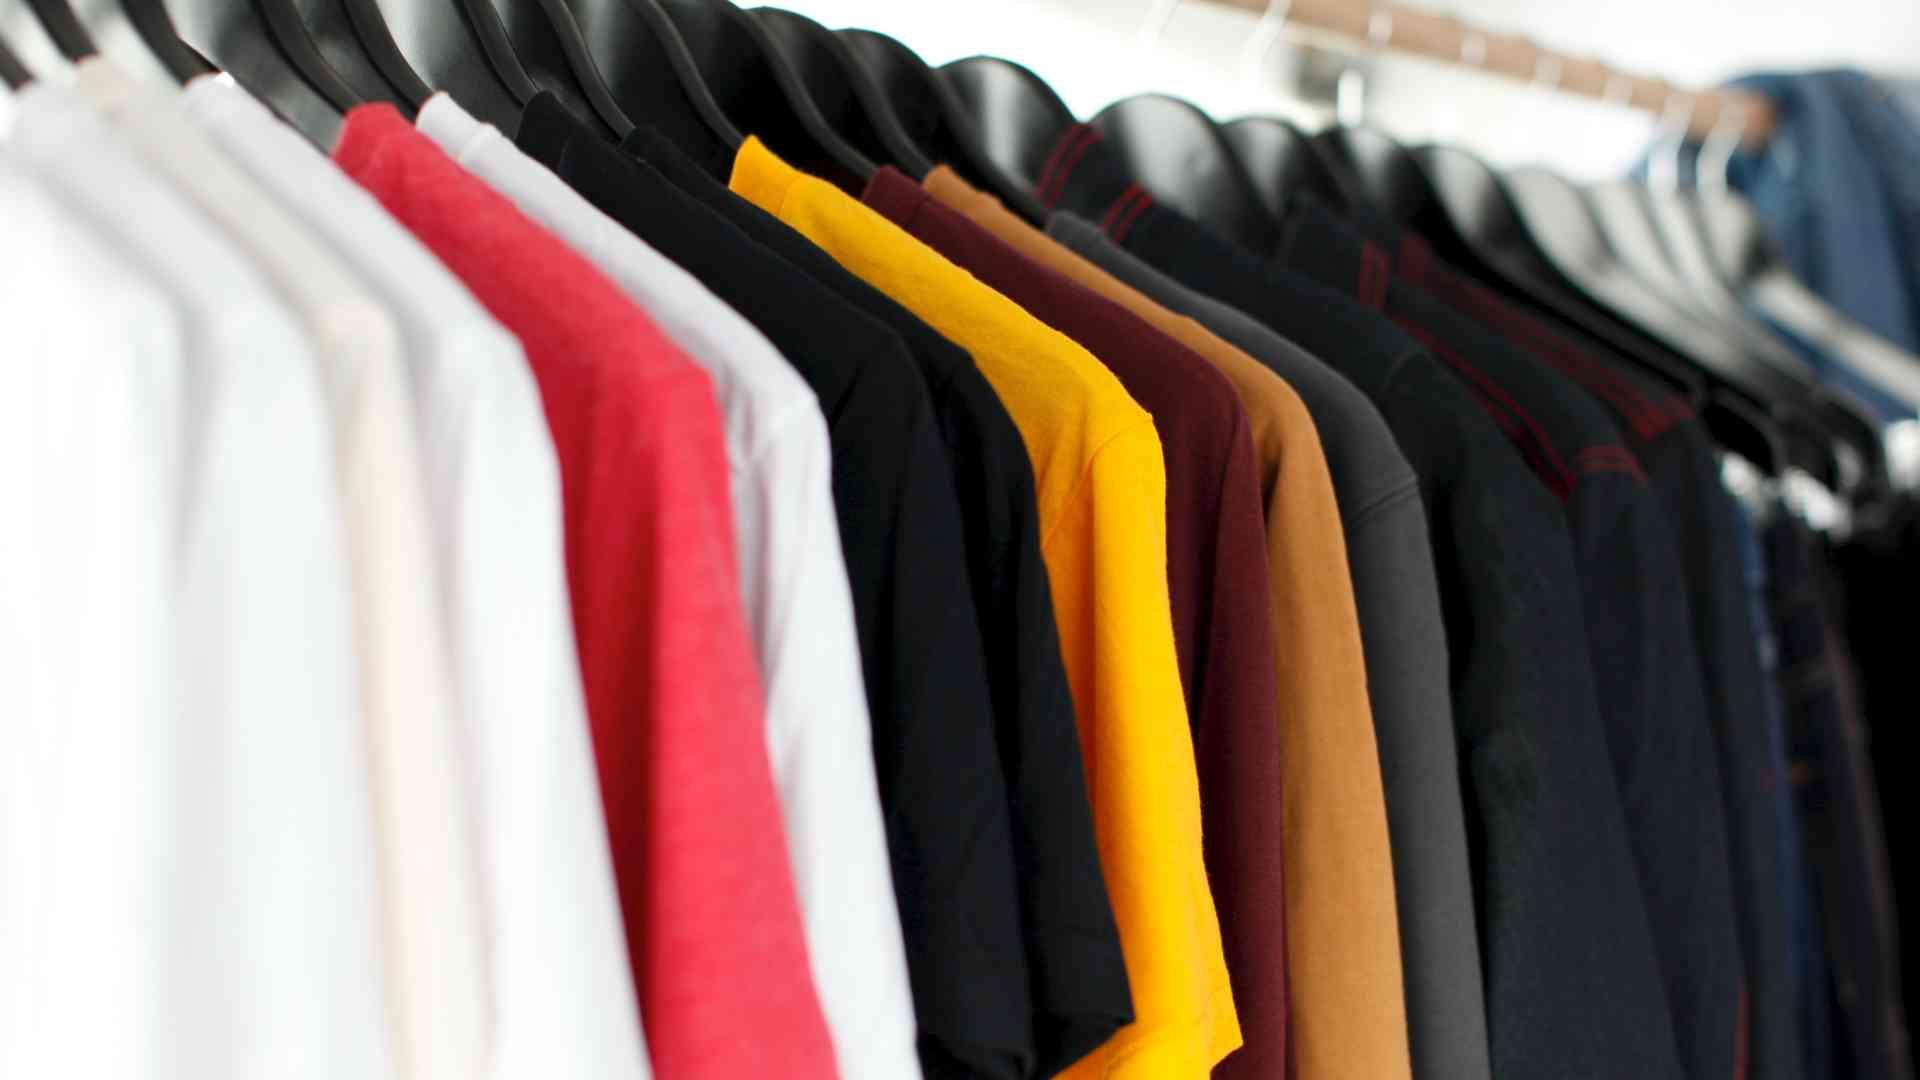 Uniform clothes on rack